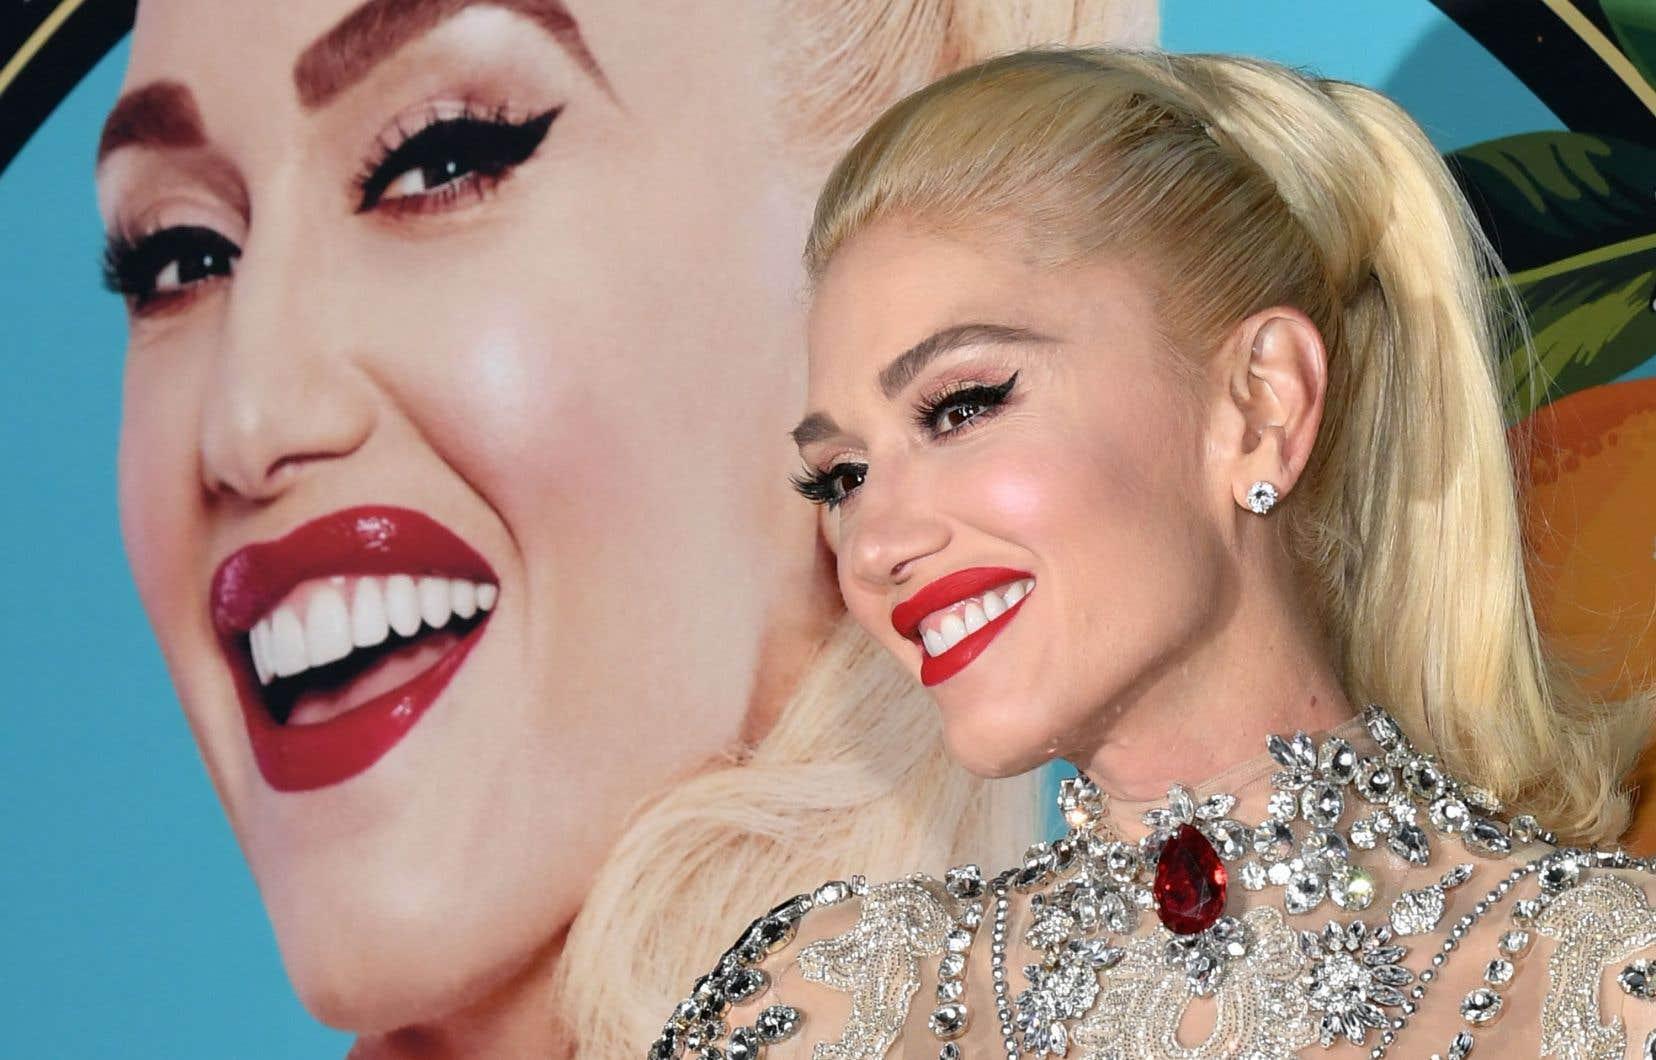 La chanson «Hollaback Girl», de Gwen Stefani, est citée par des chercheuses de l'Université du Missouri pour sa violence.